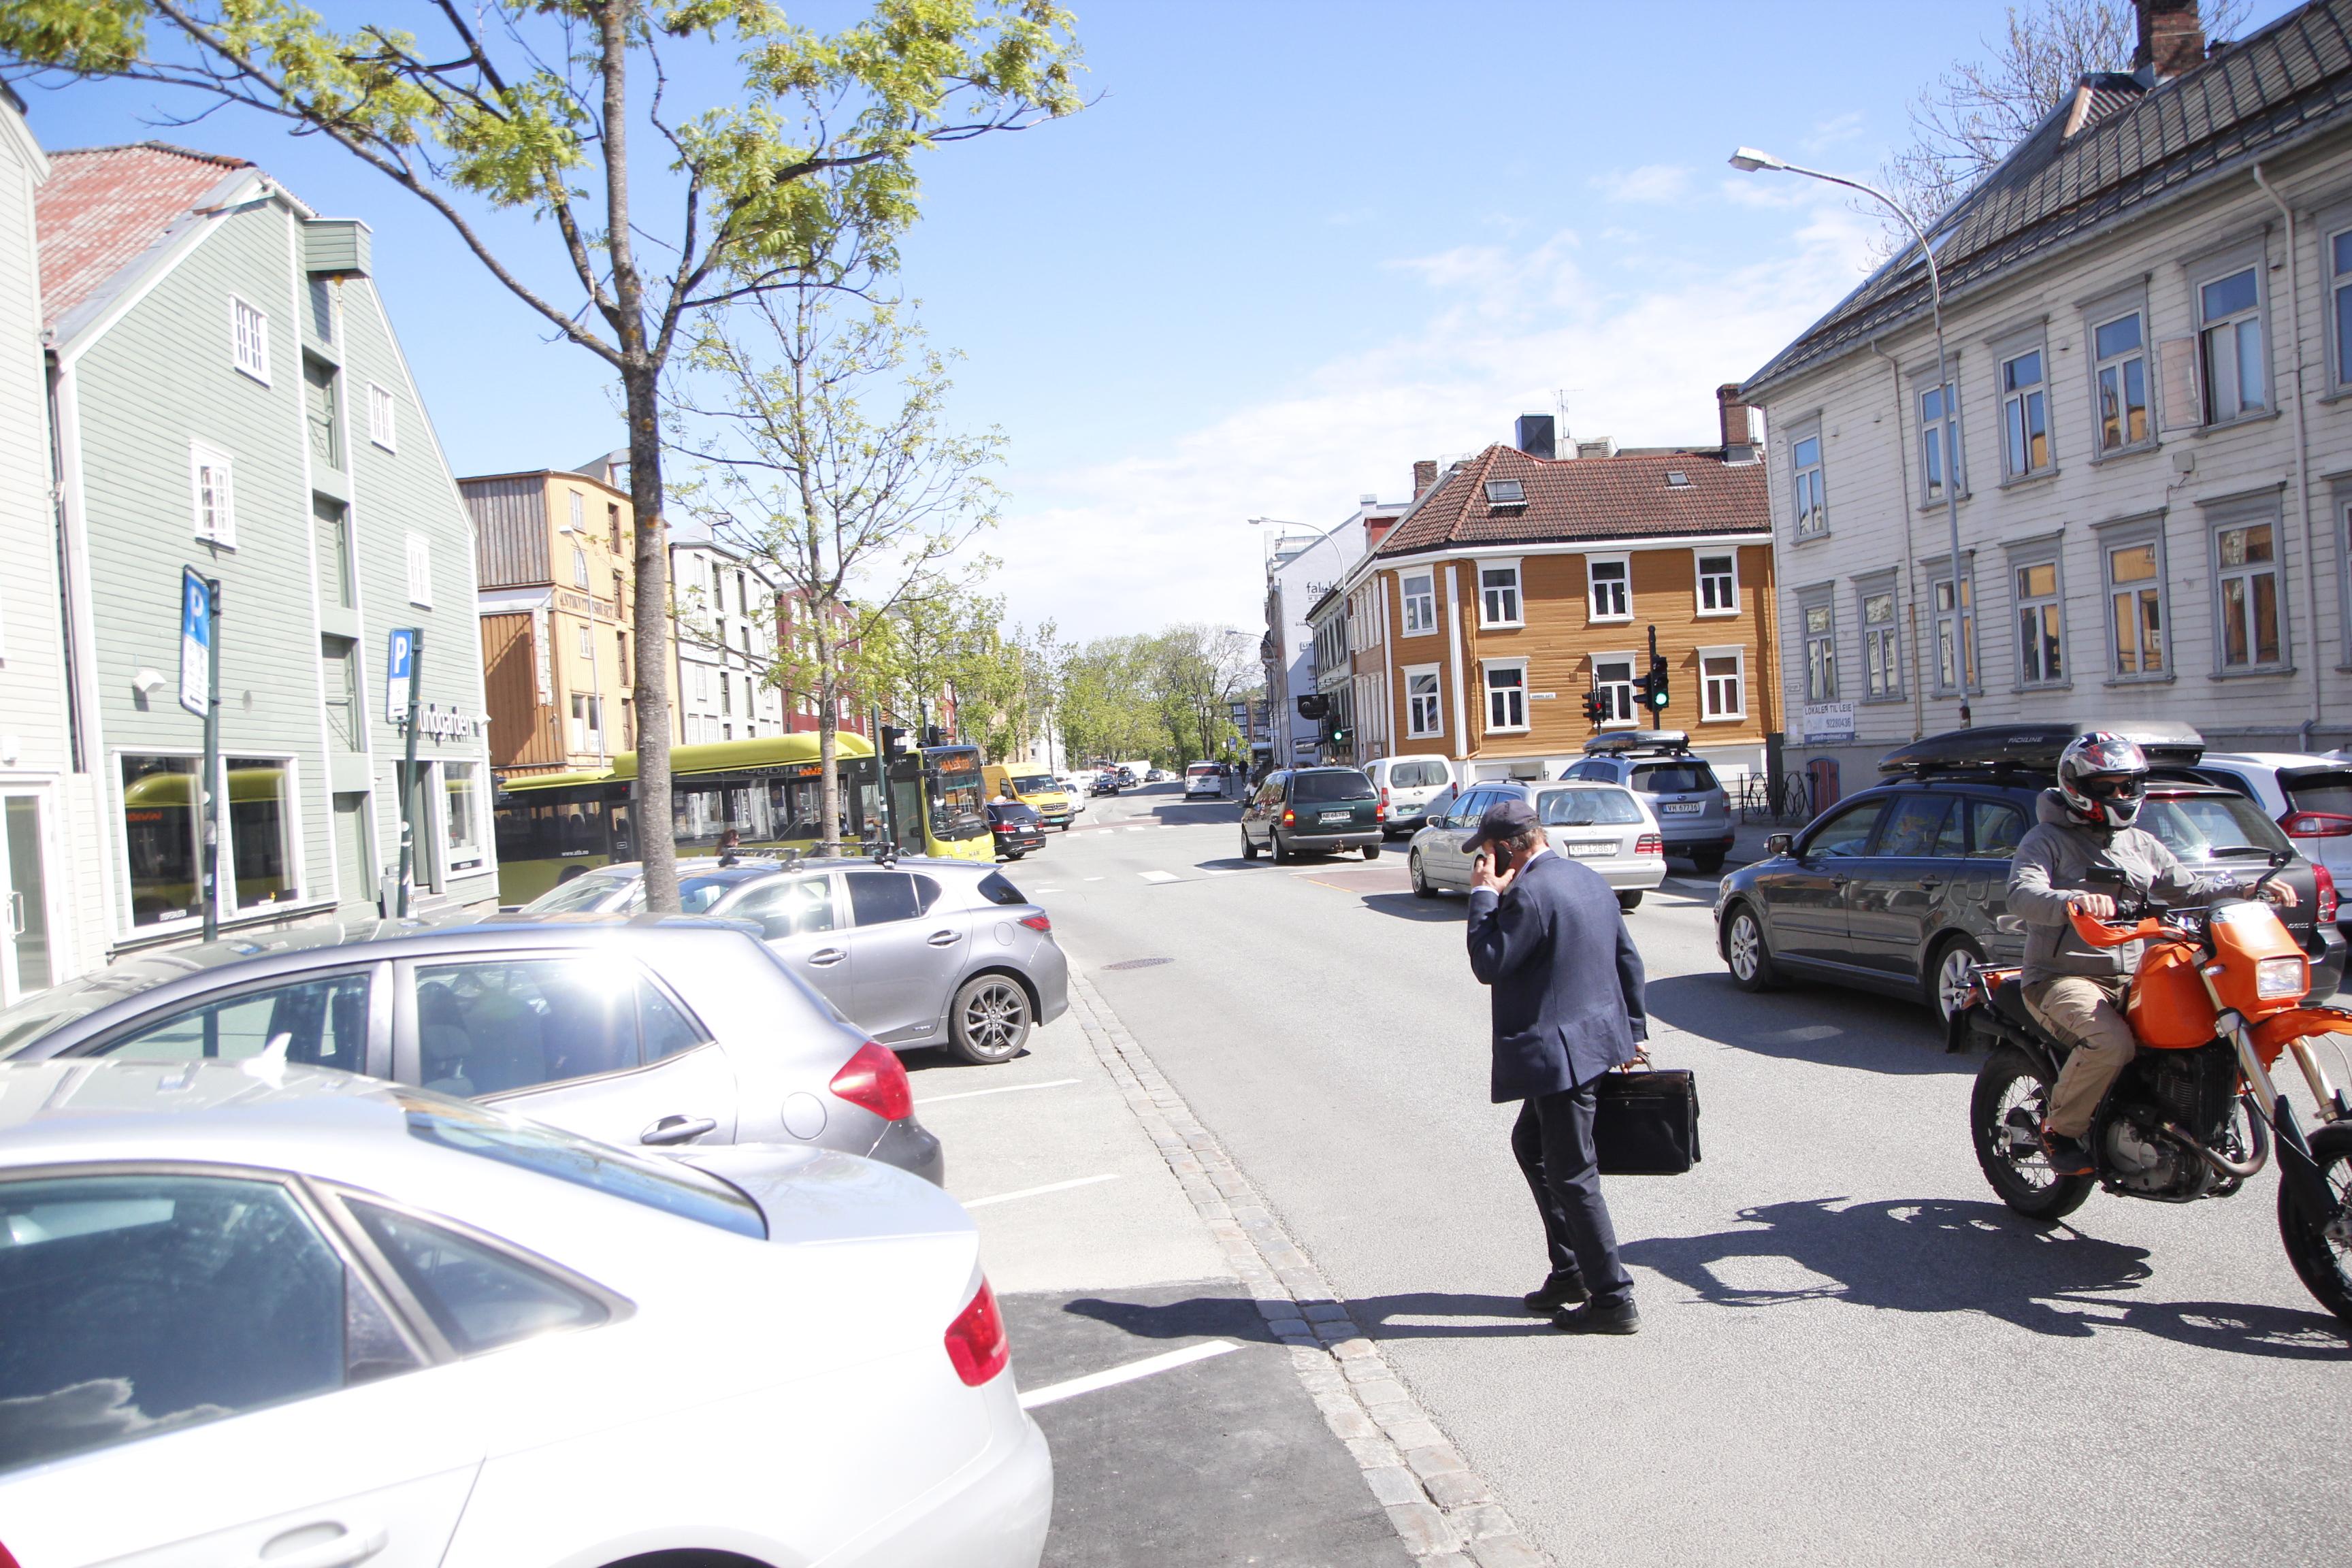 Flaskehals. Mye trafikk skal presses gjennom Fjordgata. Vil gatas tre trange flaskehalser tåle belastningen når kjøremønstre for bil og buss legges om i Midtbyen over sommeren?